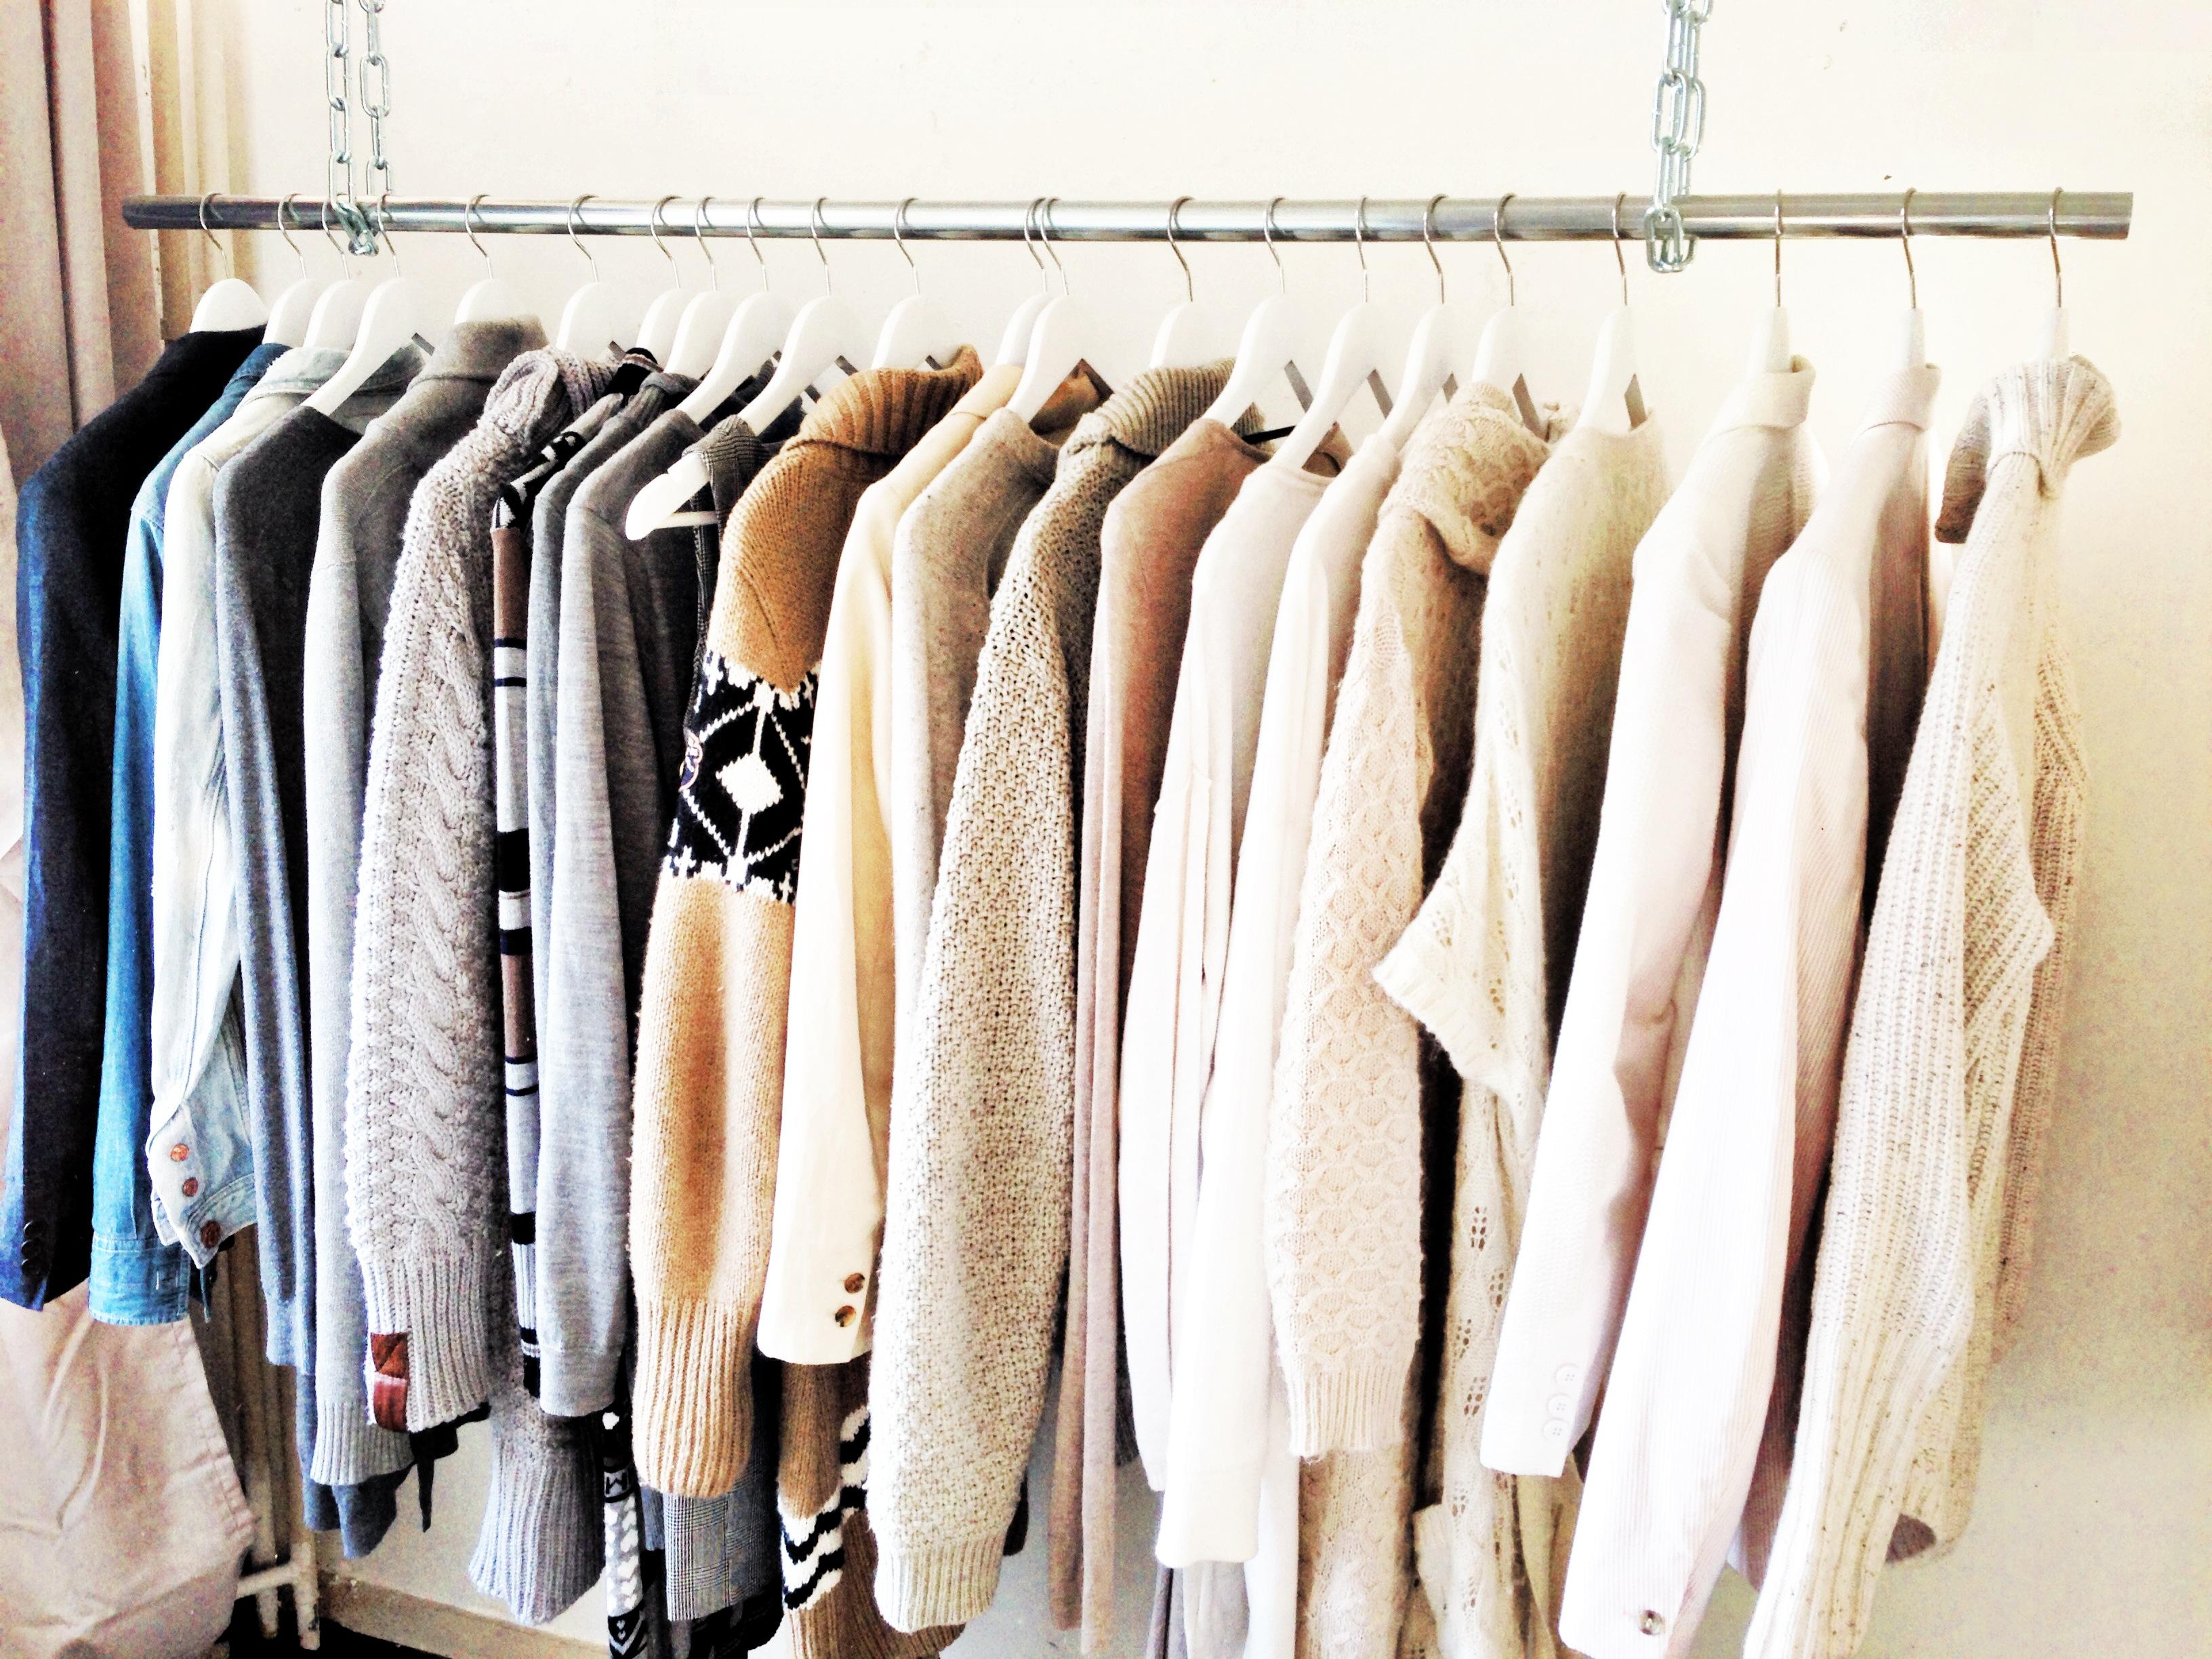 Geliefde Do it yourself: Walk in closet - donebymyself WX68